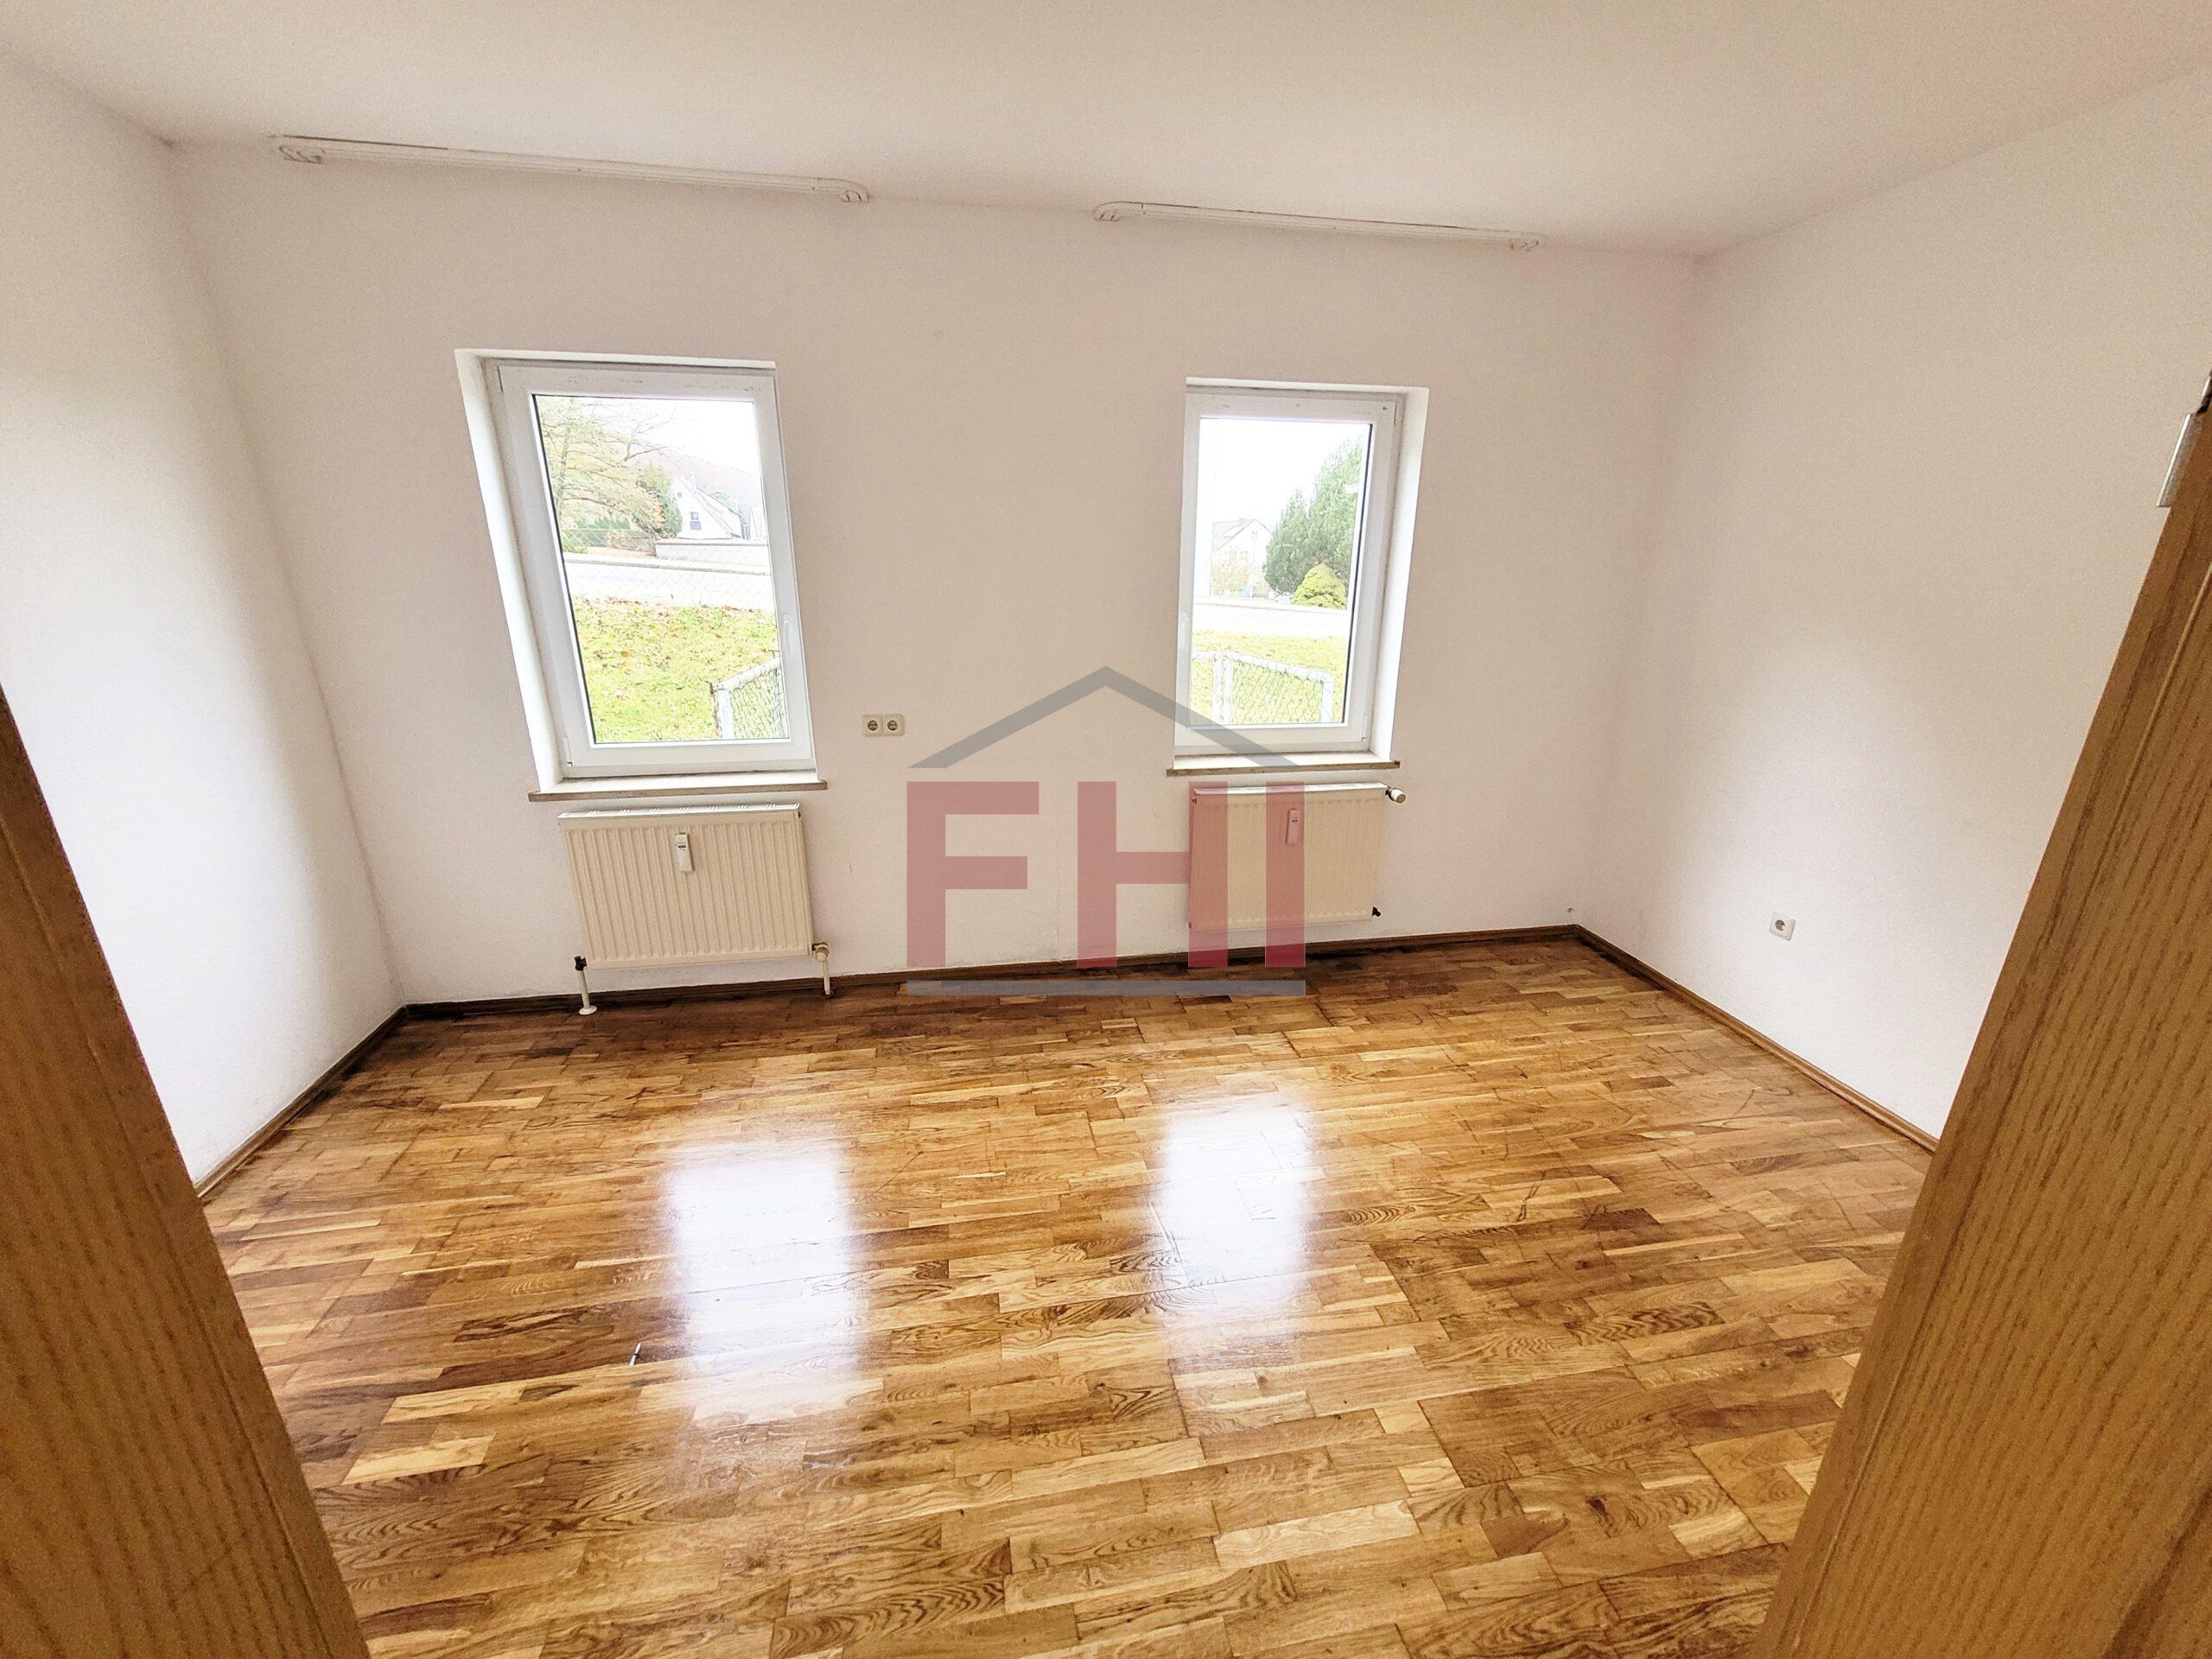 VERMIETET: Single 2-Zi.-Terassenwohnung mit Stellplatz, Keller, Einbauküche und Gartennutzung – eigener Eingang